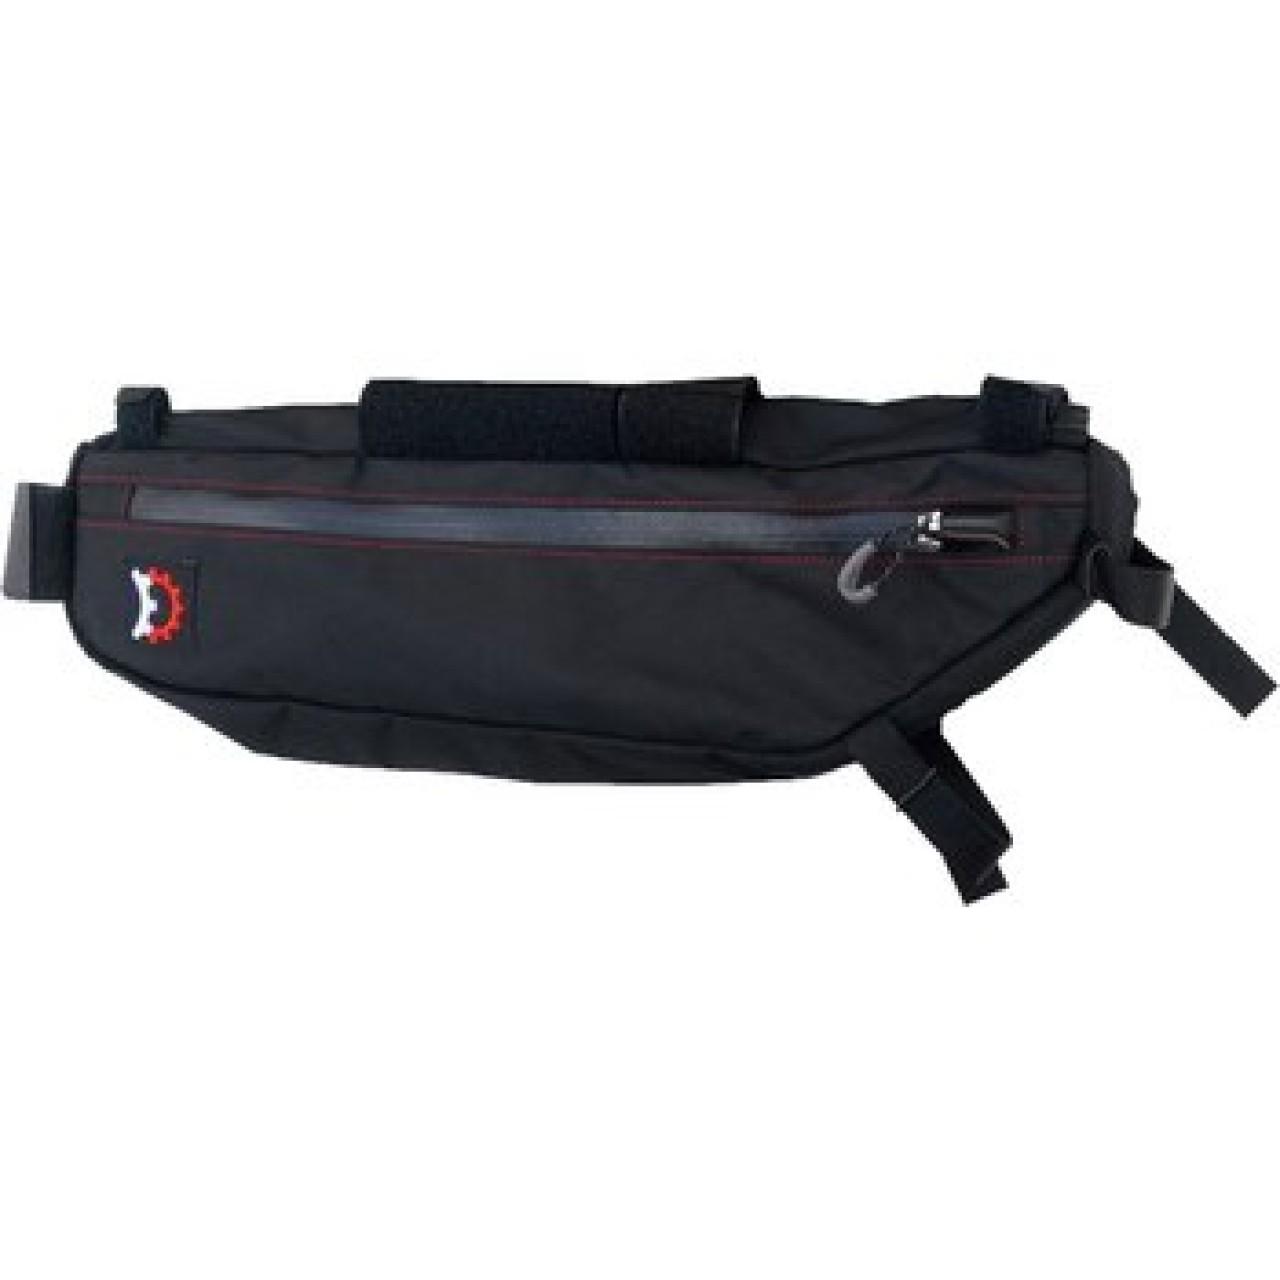 Revelate - Tangle Frame bag, 134,90 €